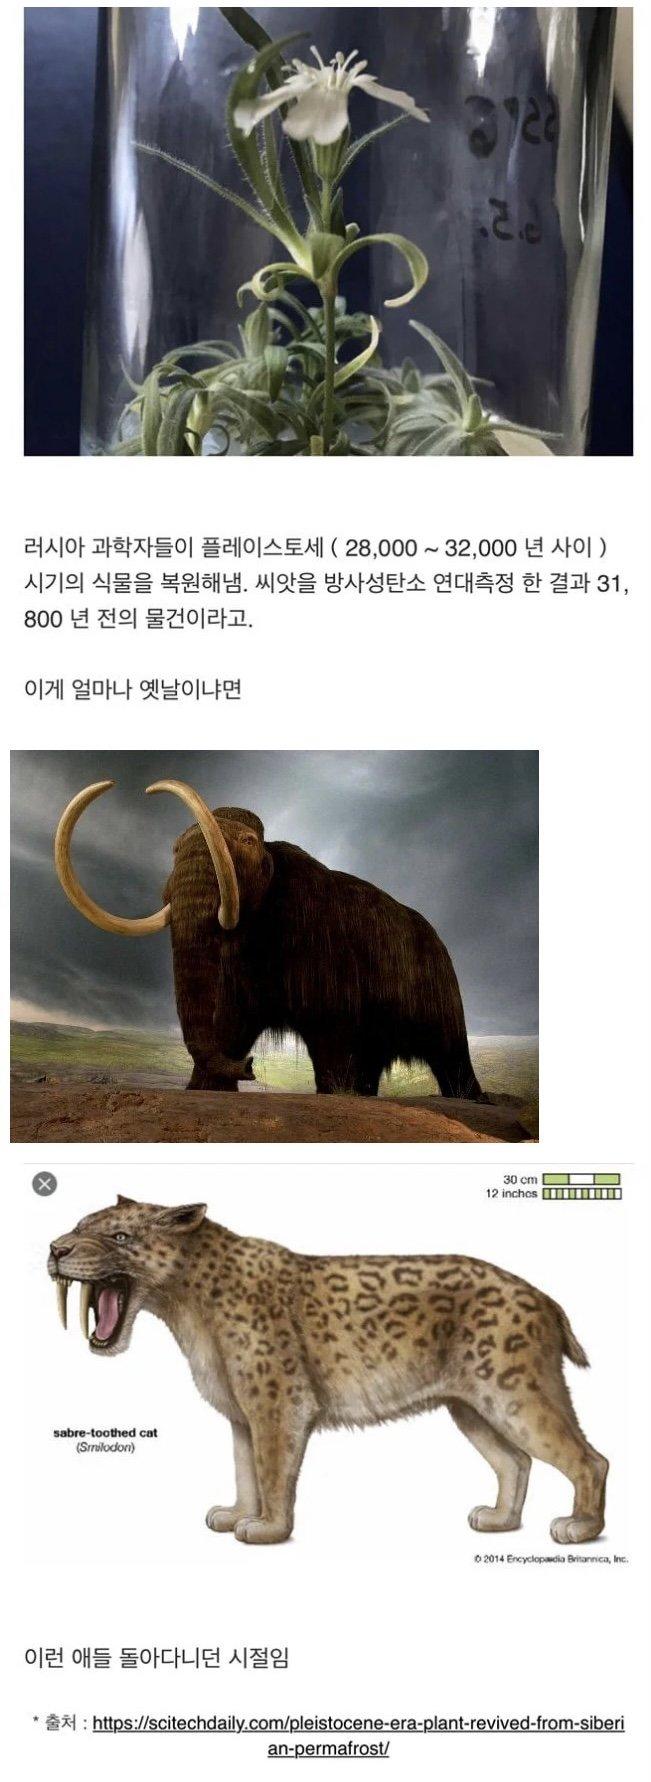 viewimage.php?id=39afd523&no=24b0d769e1d32ca73dec81fa11d028314d3faebecfec25ed6aa779bc7956f30e4ebb873c8d1352a5c0aaa0a396c8ffaee488bcf04528b73c593ff7c66b74e8a9e0b45ddb97517dcb35f4db1a92823c5eb6df0b41a0fb1aa7b9ee76ea7438df57c9fbe15bec